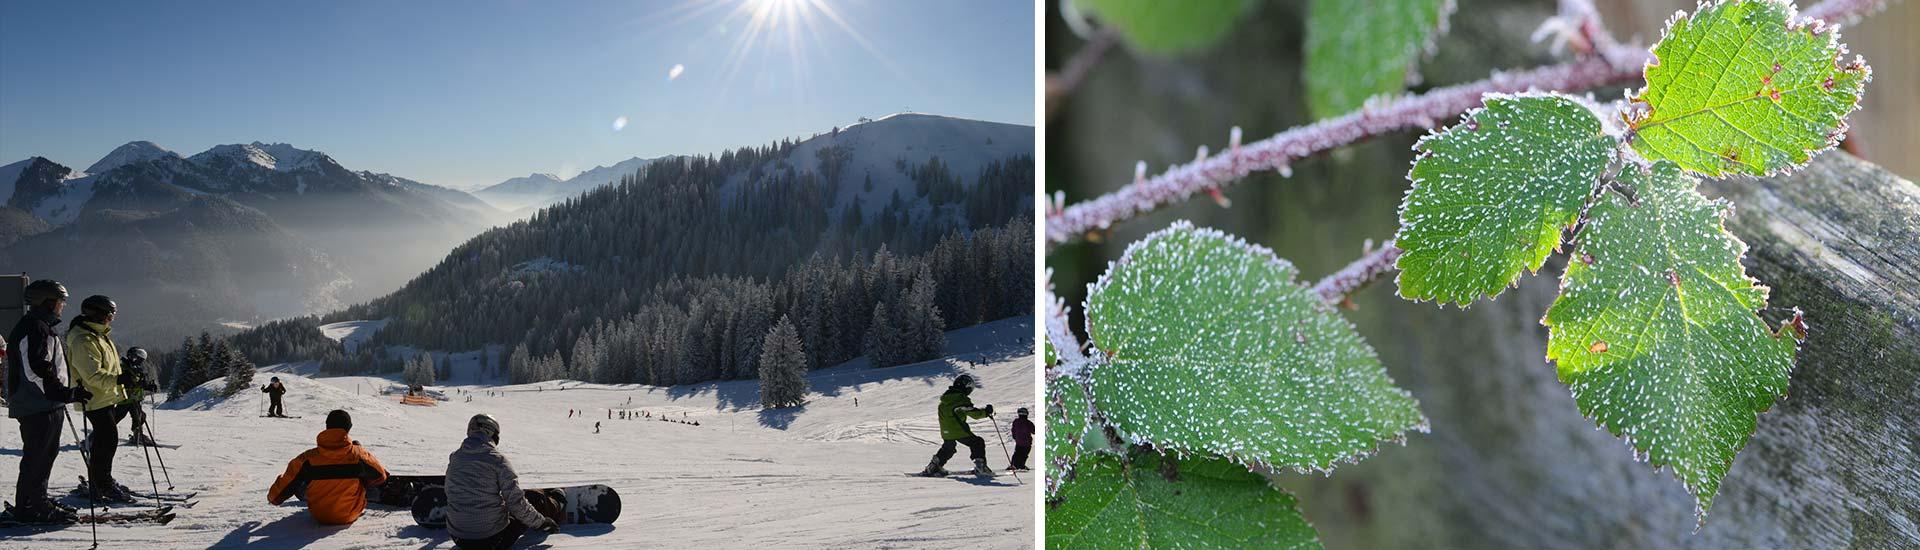 winterwelt-tegernsee